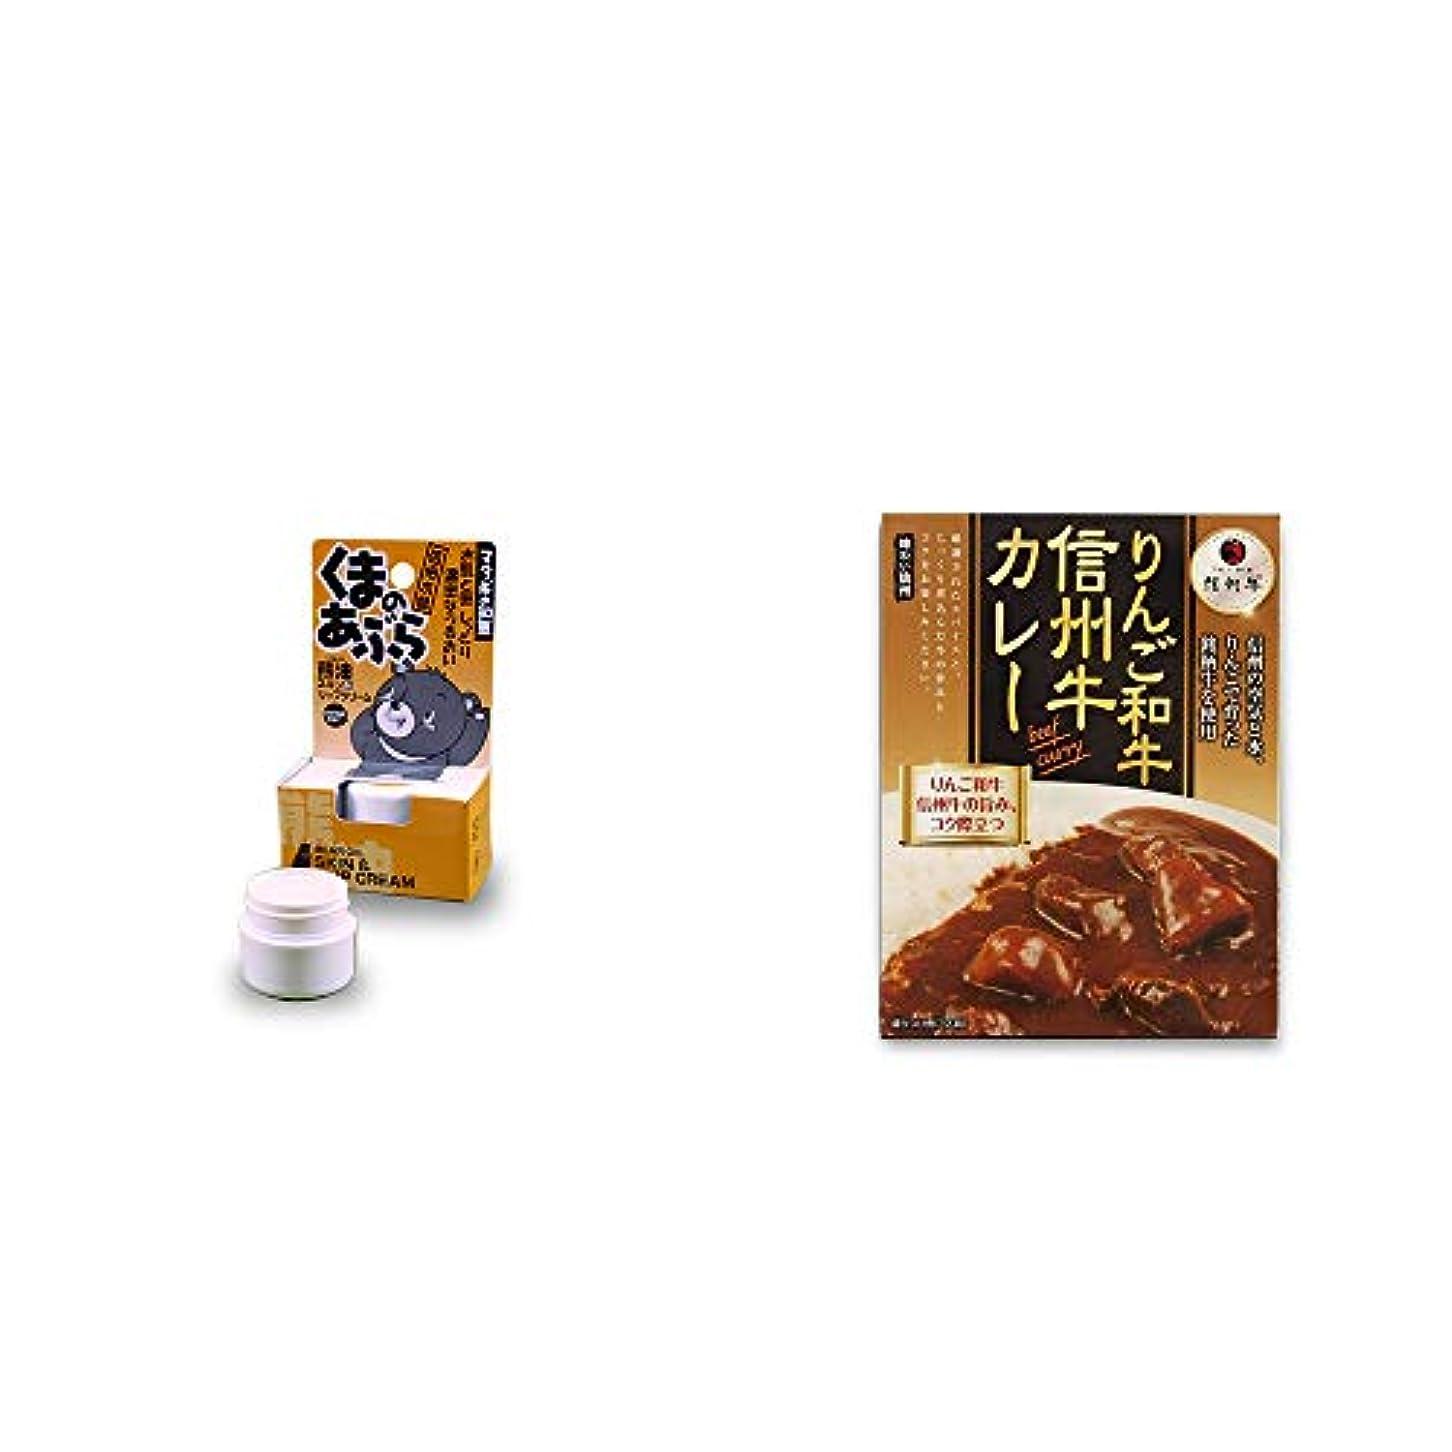 大型トラックカウントアップ少数[2点セット] 信州木曽 くまのあぶら 熊油スキン&リップクリーム(9g)?りんご和牛 信州牛カレー(1食分)